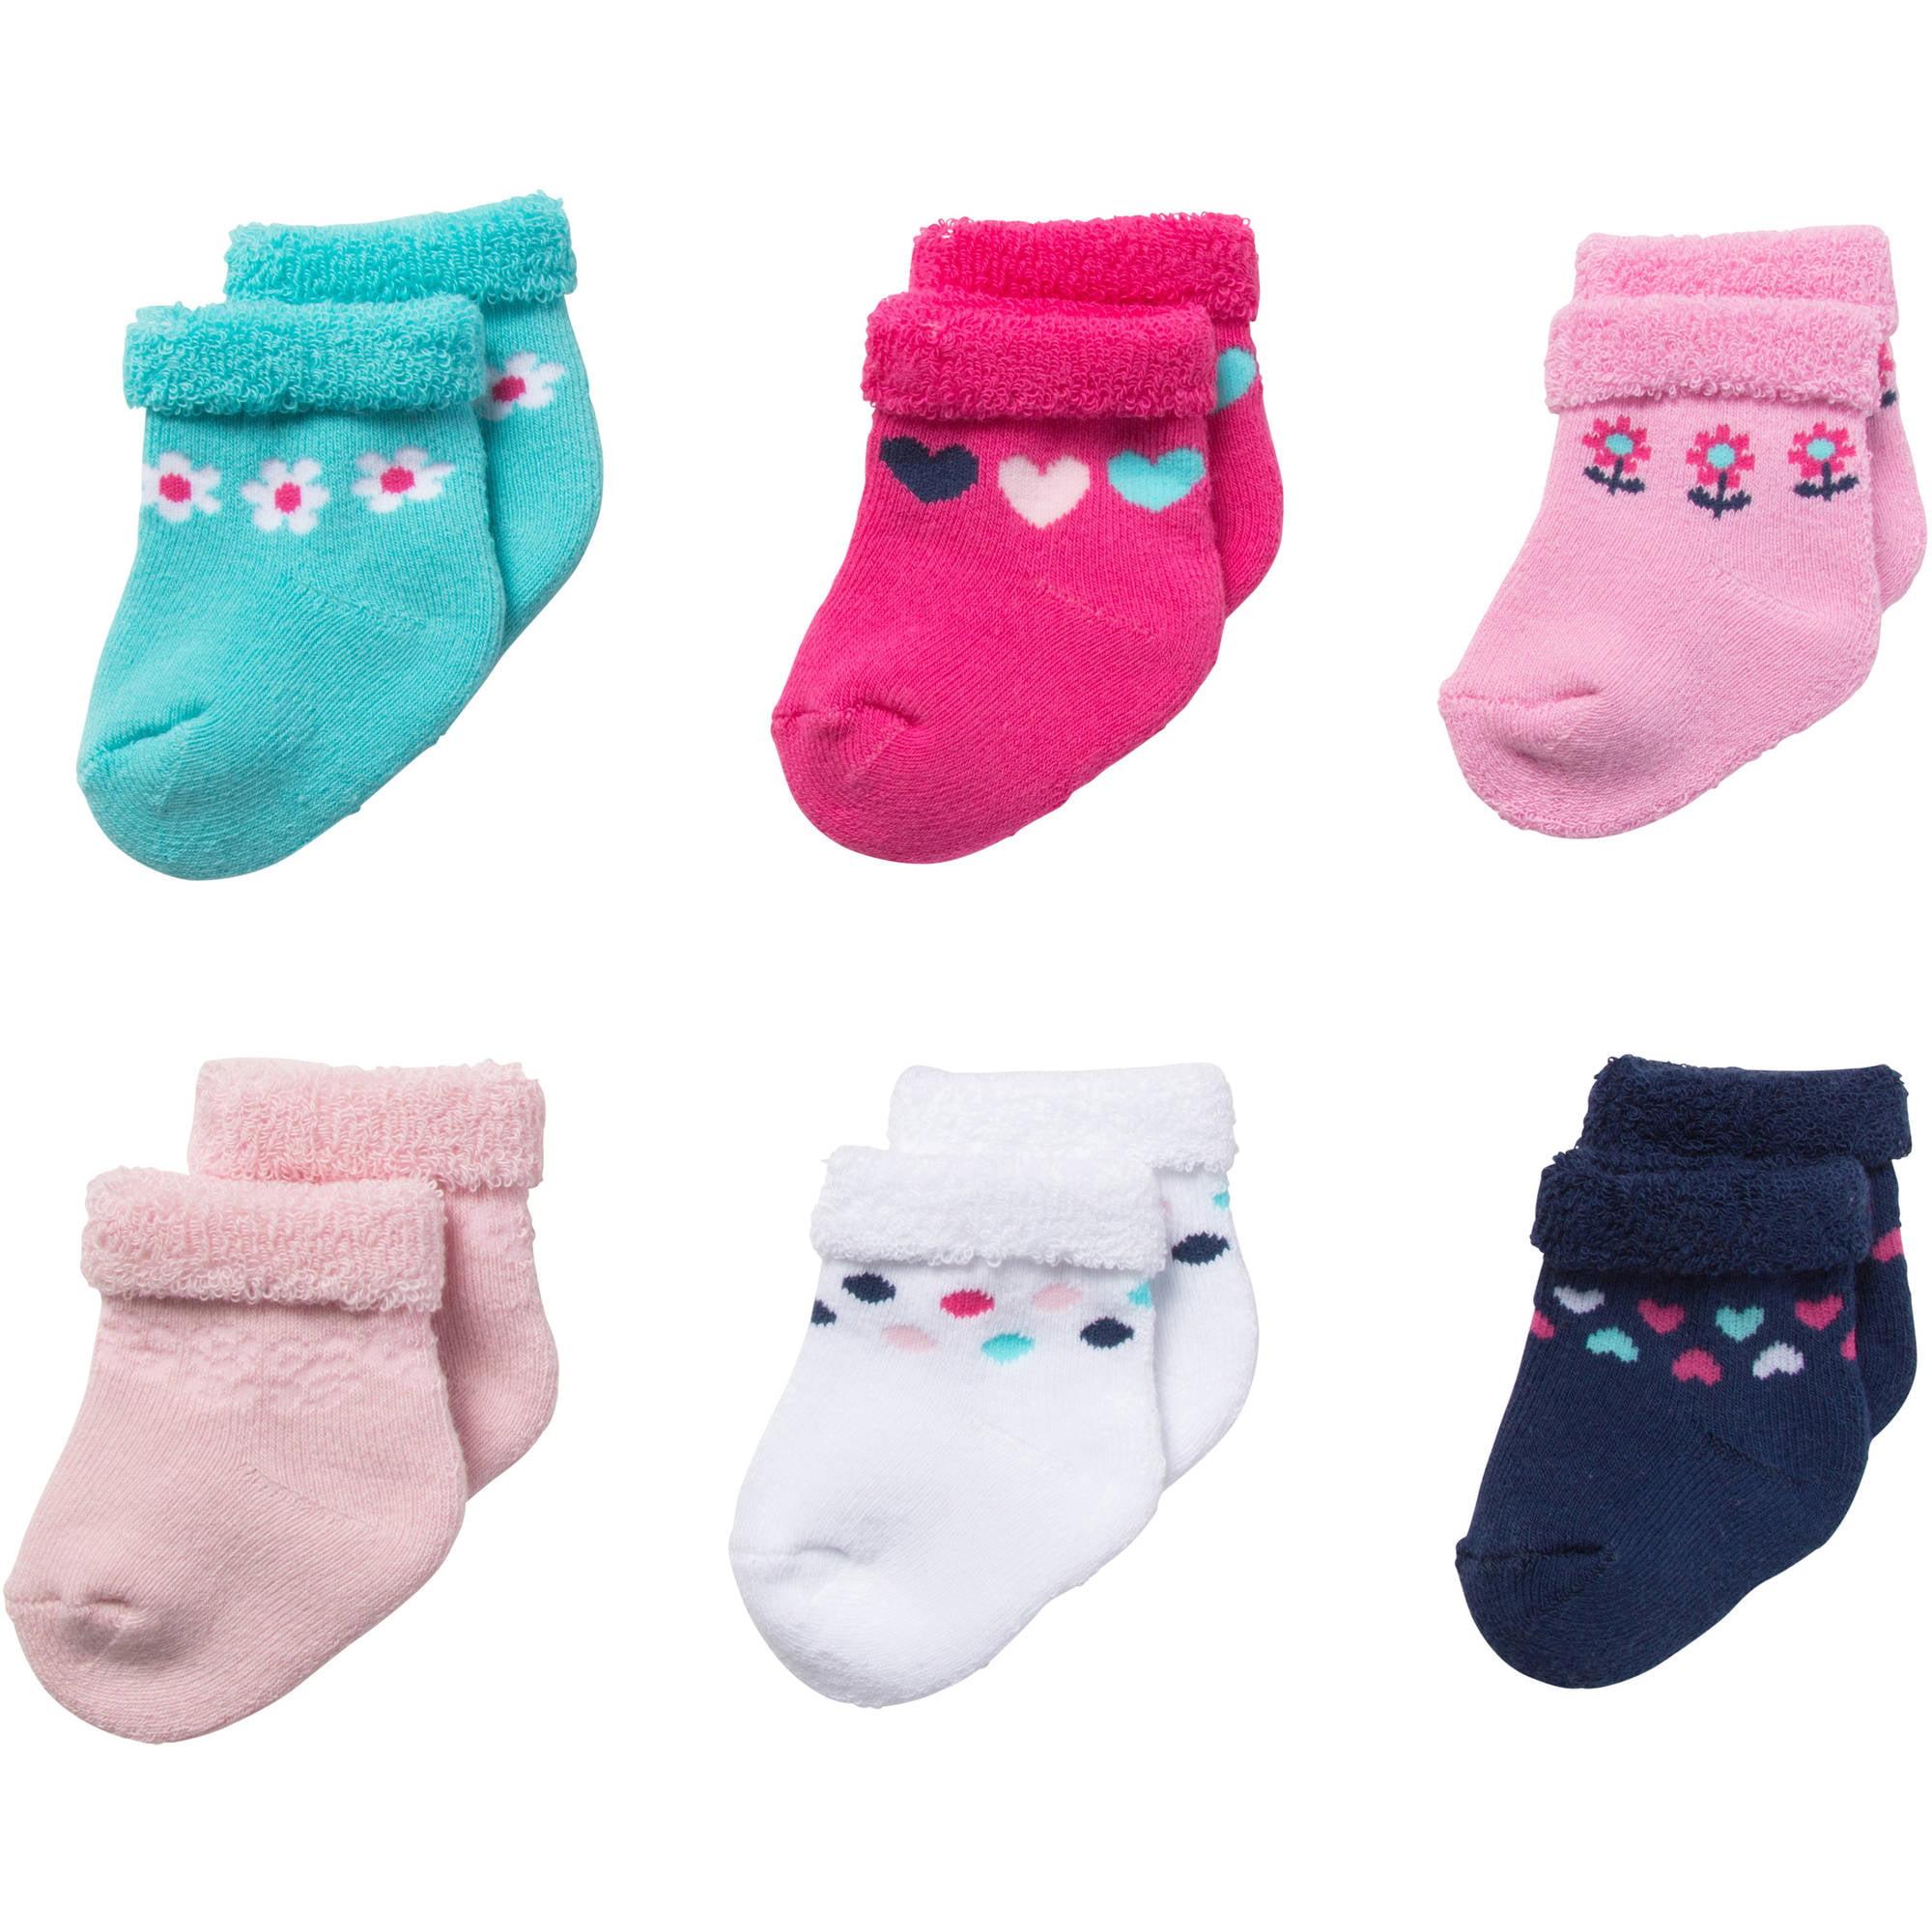 Newborn Baby Uni White Terry Bootie Socks 6 Pack Walmart